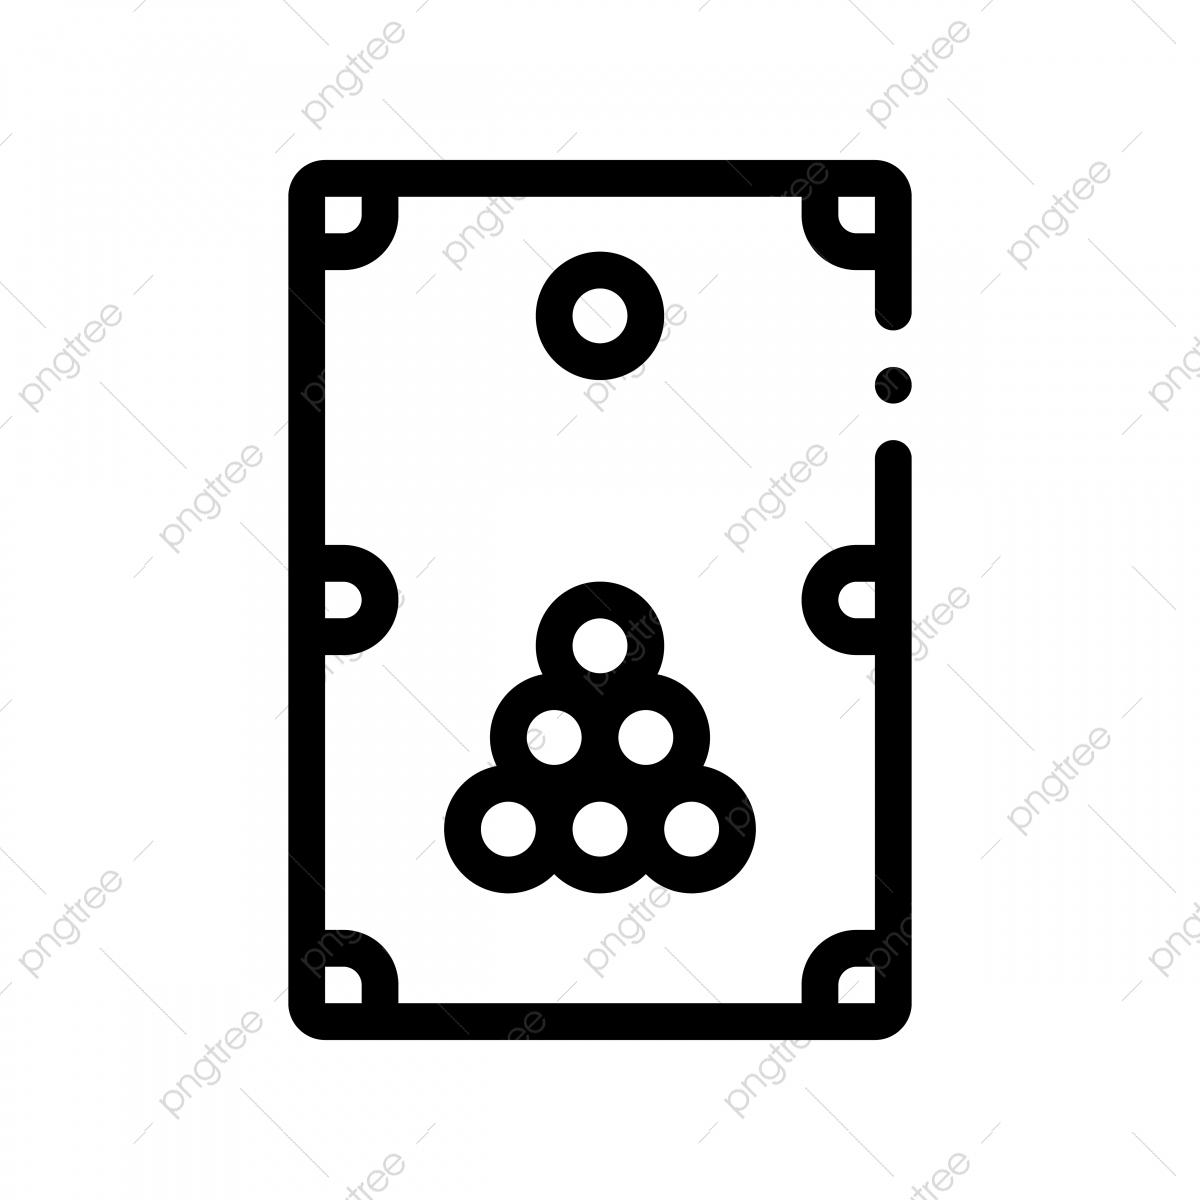 Icône De Fine Ligne Vecteur Jeu De Billard Interactif tout Jeux Billard En Ligne Gratuit